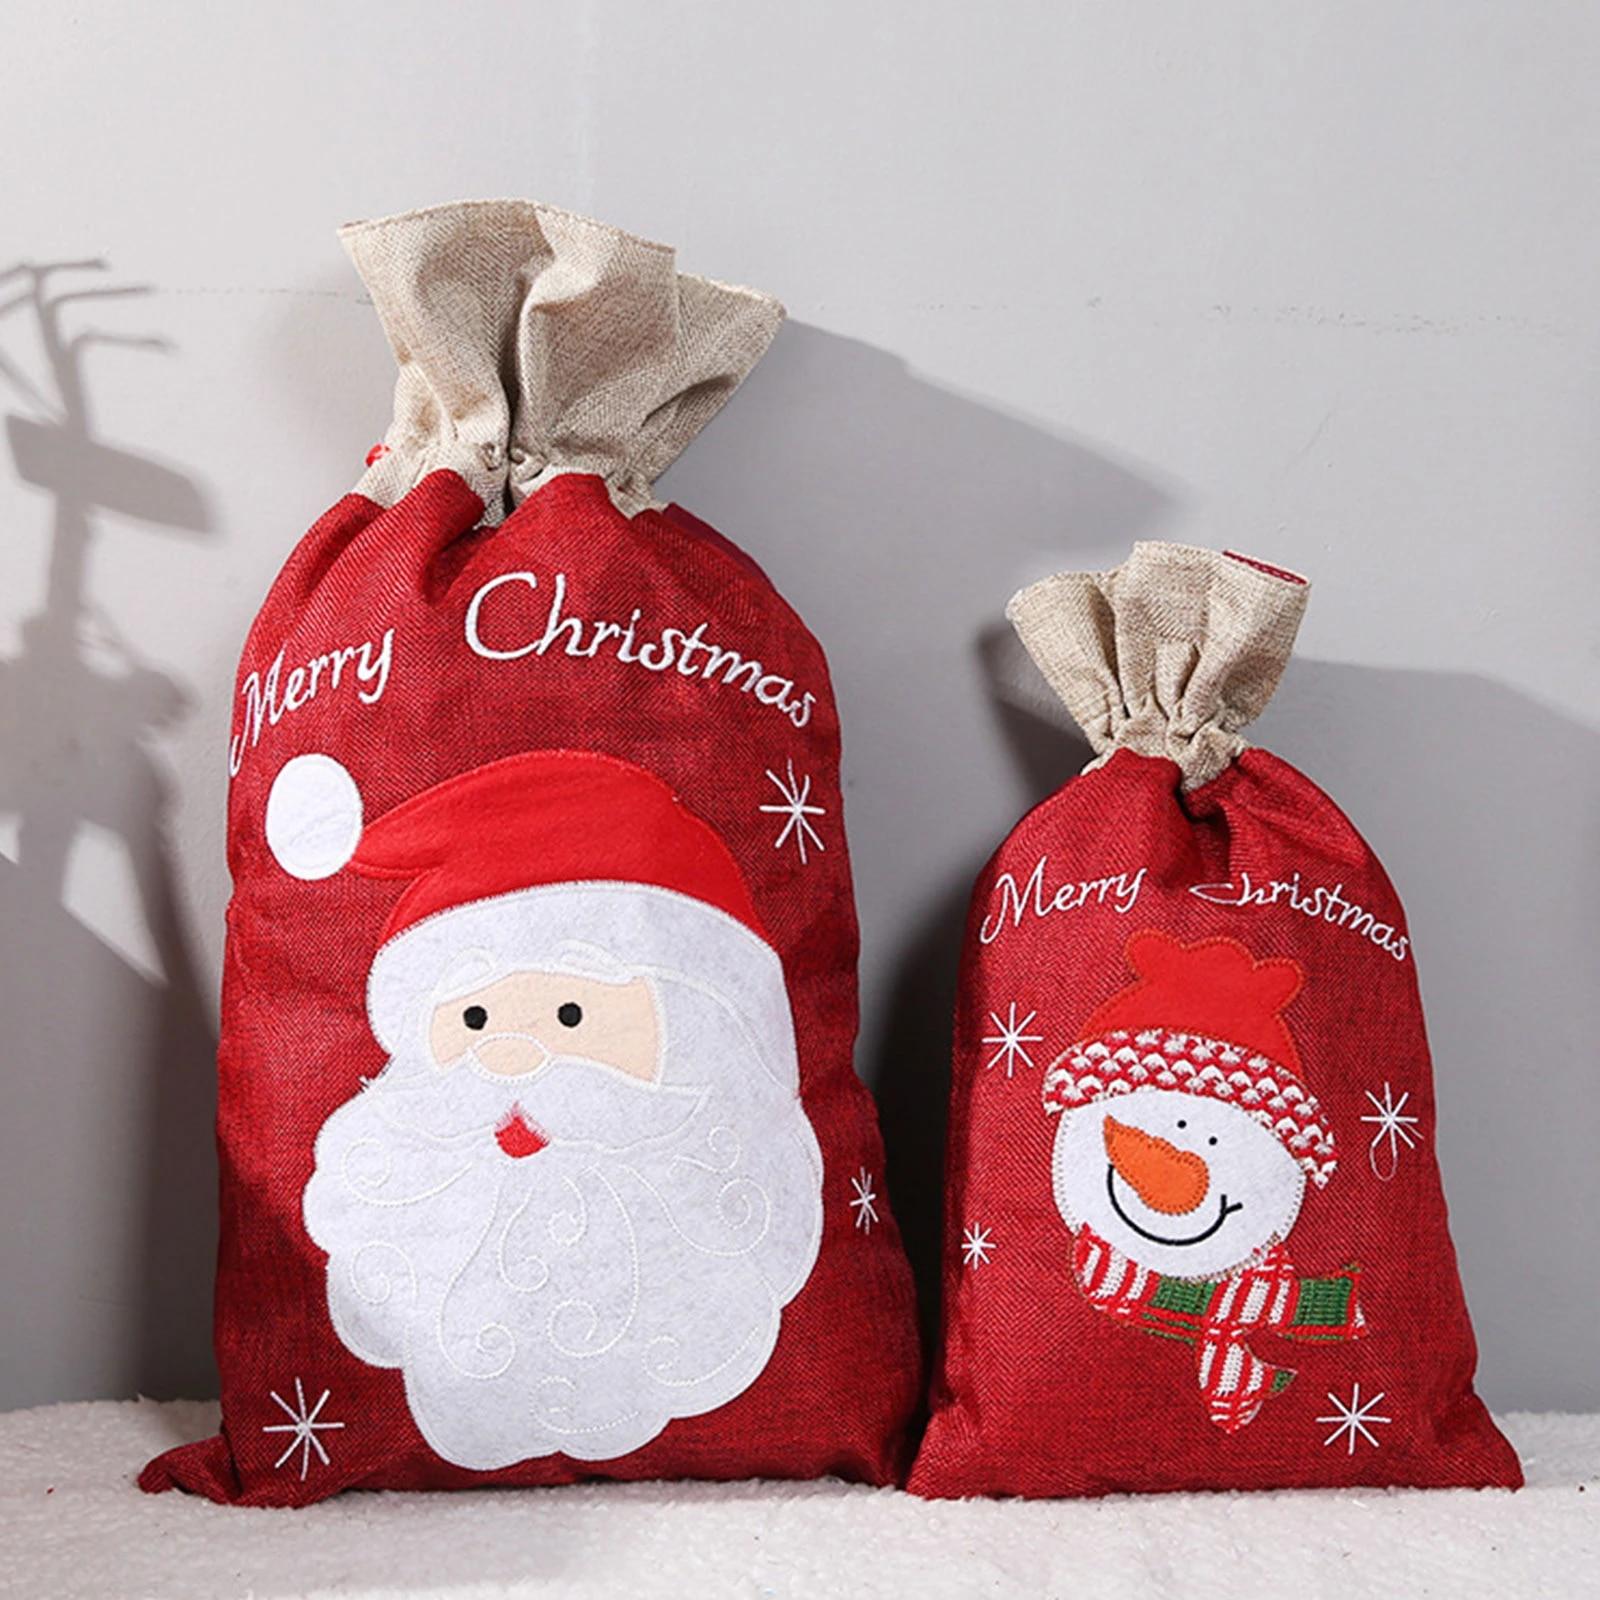 Regali Di Babbo Natale.Sacchetti Regalo Di Natale Di Babbo Natale Pupazzo Di Neve Borsa Per Decorazioni Di Buon Natale Per Sacco Di Famiglia Candy Porta Regali Di Natale Per Bambini Saran Wrap Plastic Bags